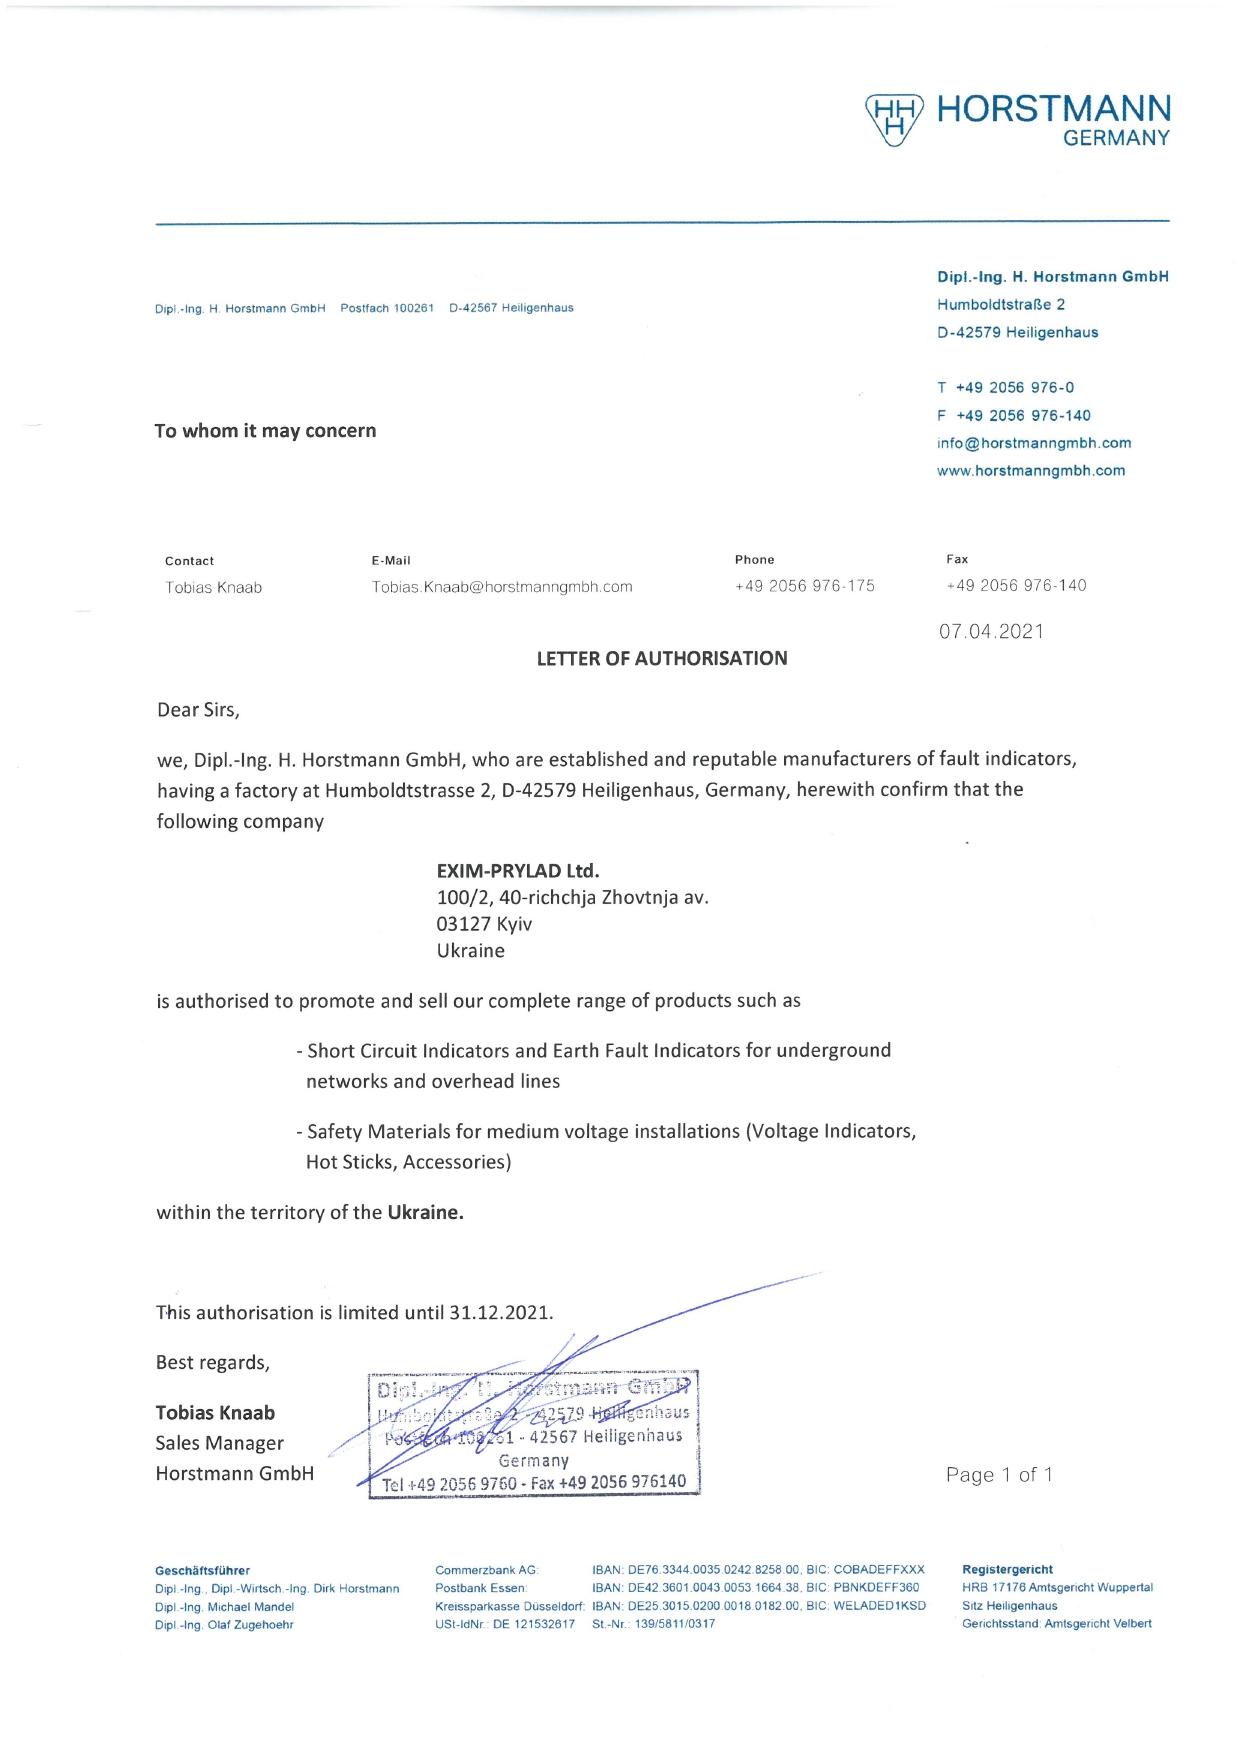 Лист про авторизацію